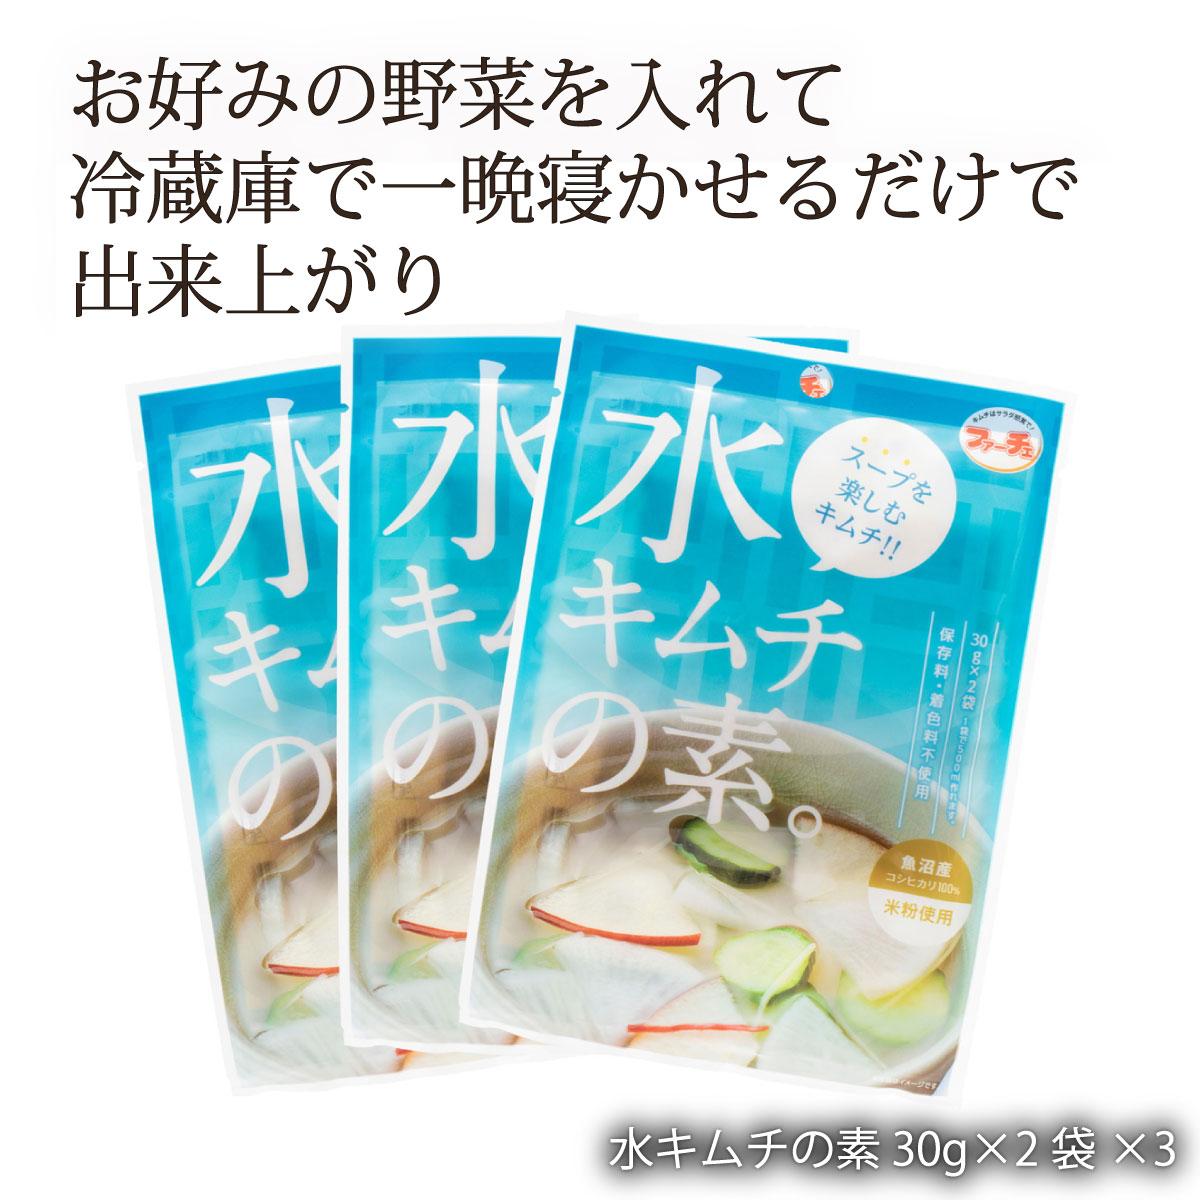 暑い夏にオススメの水キムチ オープニング 大放出セール 送料無料 ファーチェフーズ トレンド 水キムチの素 30g×2 ×3袋 花菜 切ってまぜるだけ キムチの素 韓国食品 韓国料理 簡単